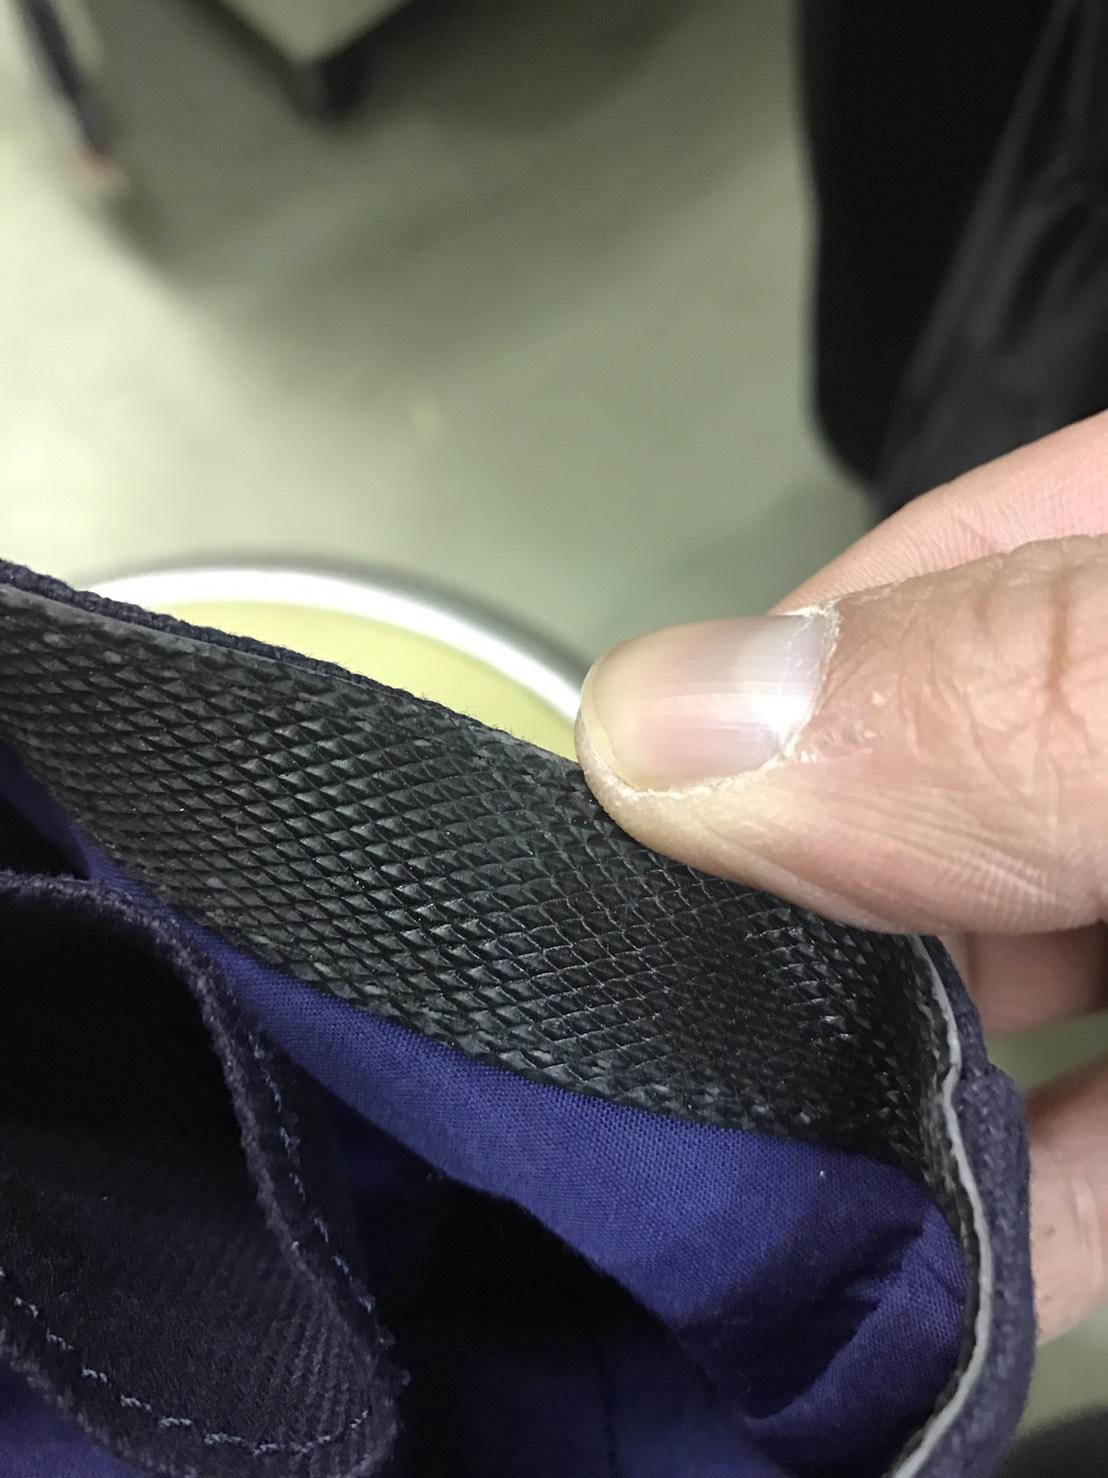 日進ゴム 園芸たび先割ロングマジック ¥1,990(税込)農作業・造園・園芸に便利な地下足袋